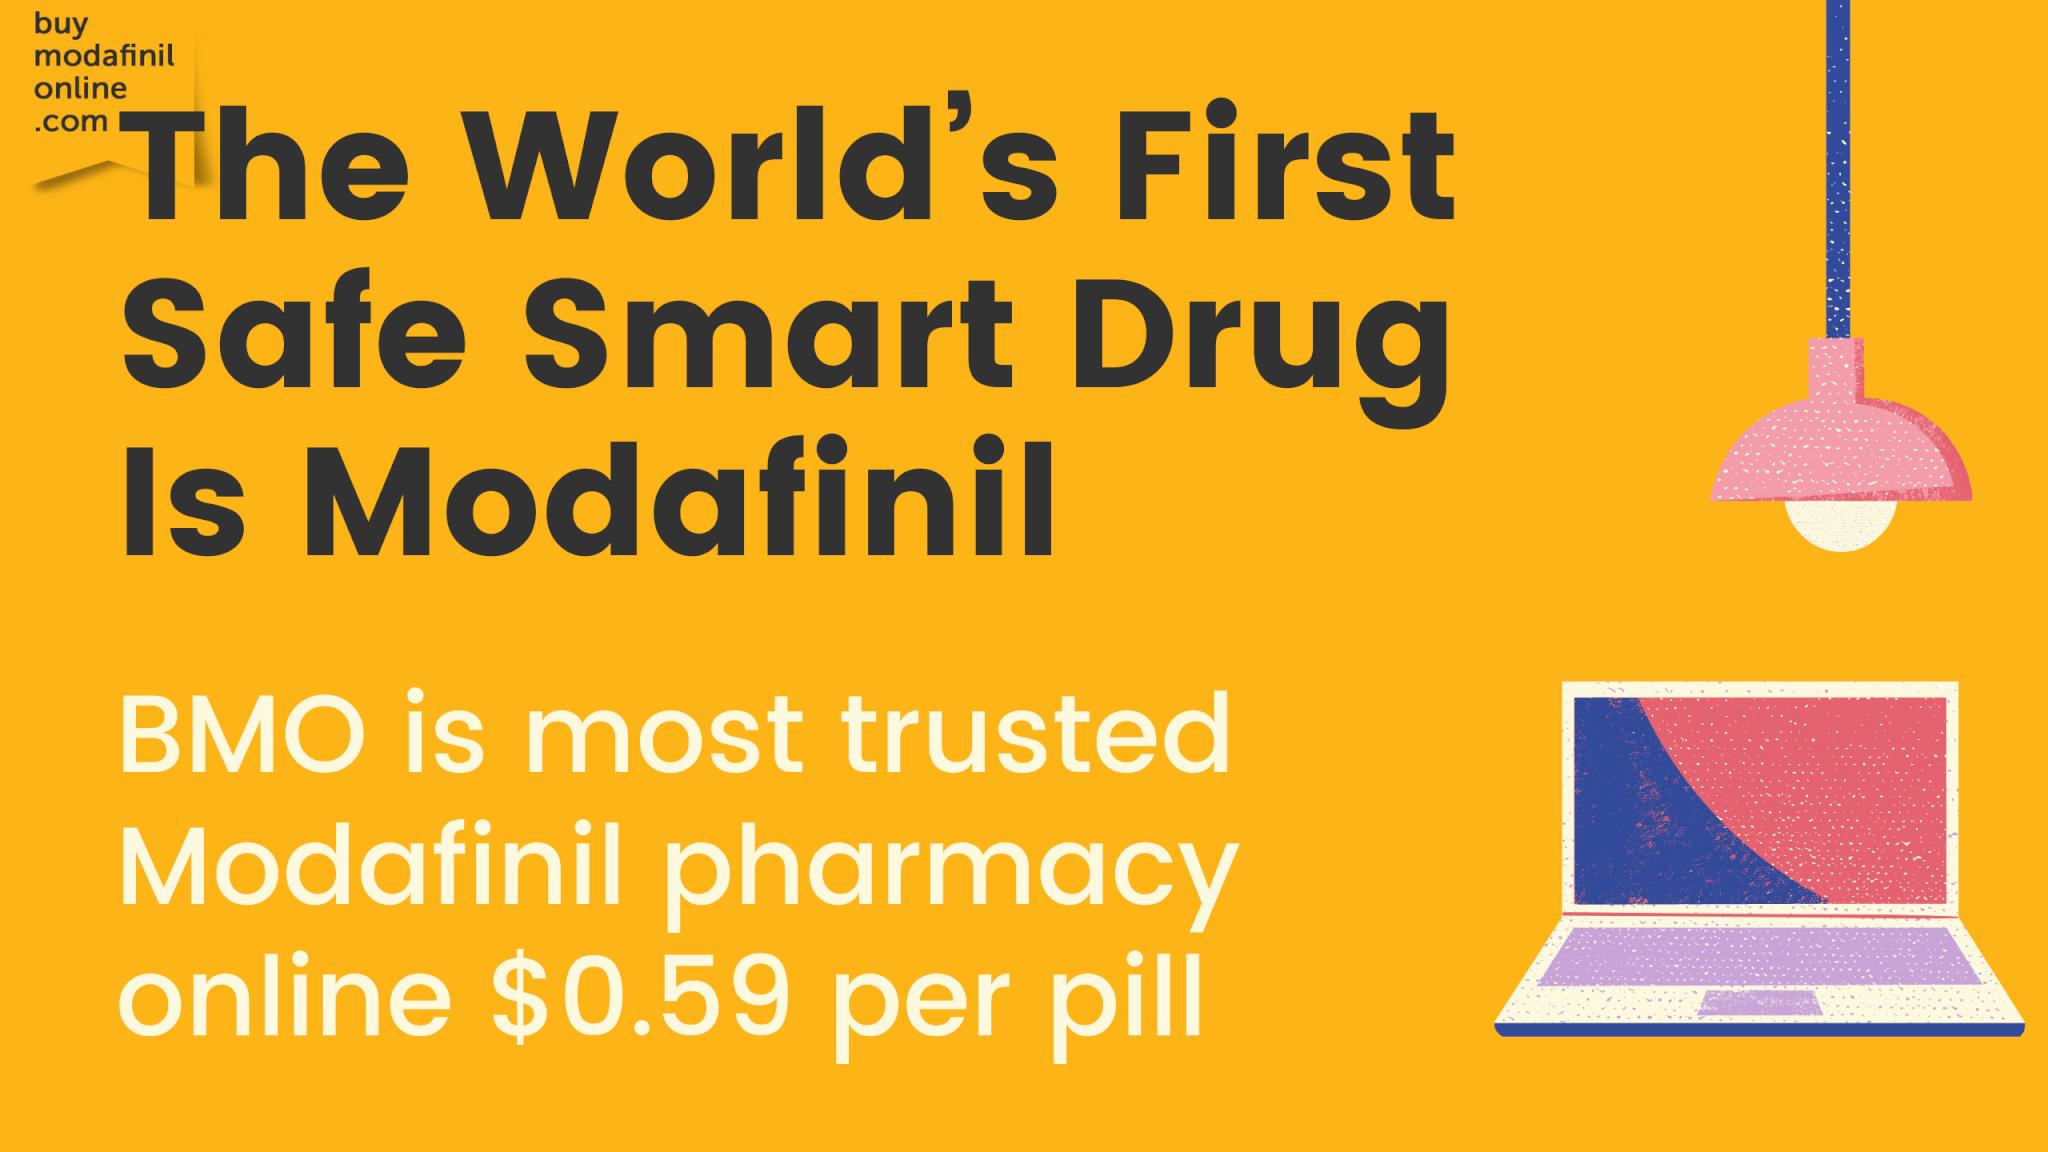 The World's First Safe Smart Drug